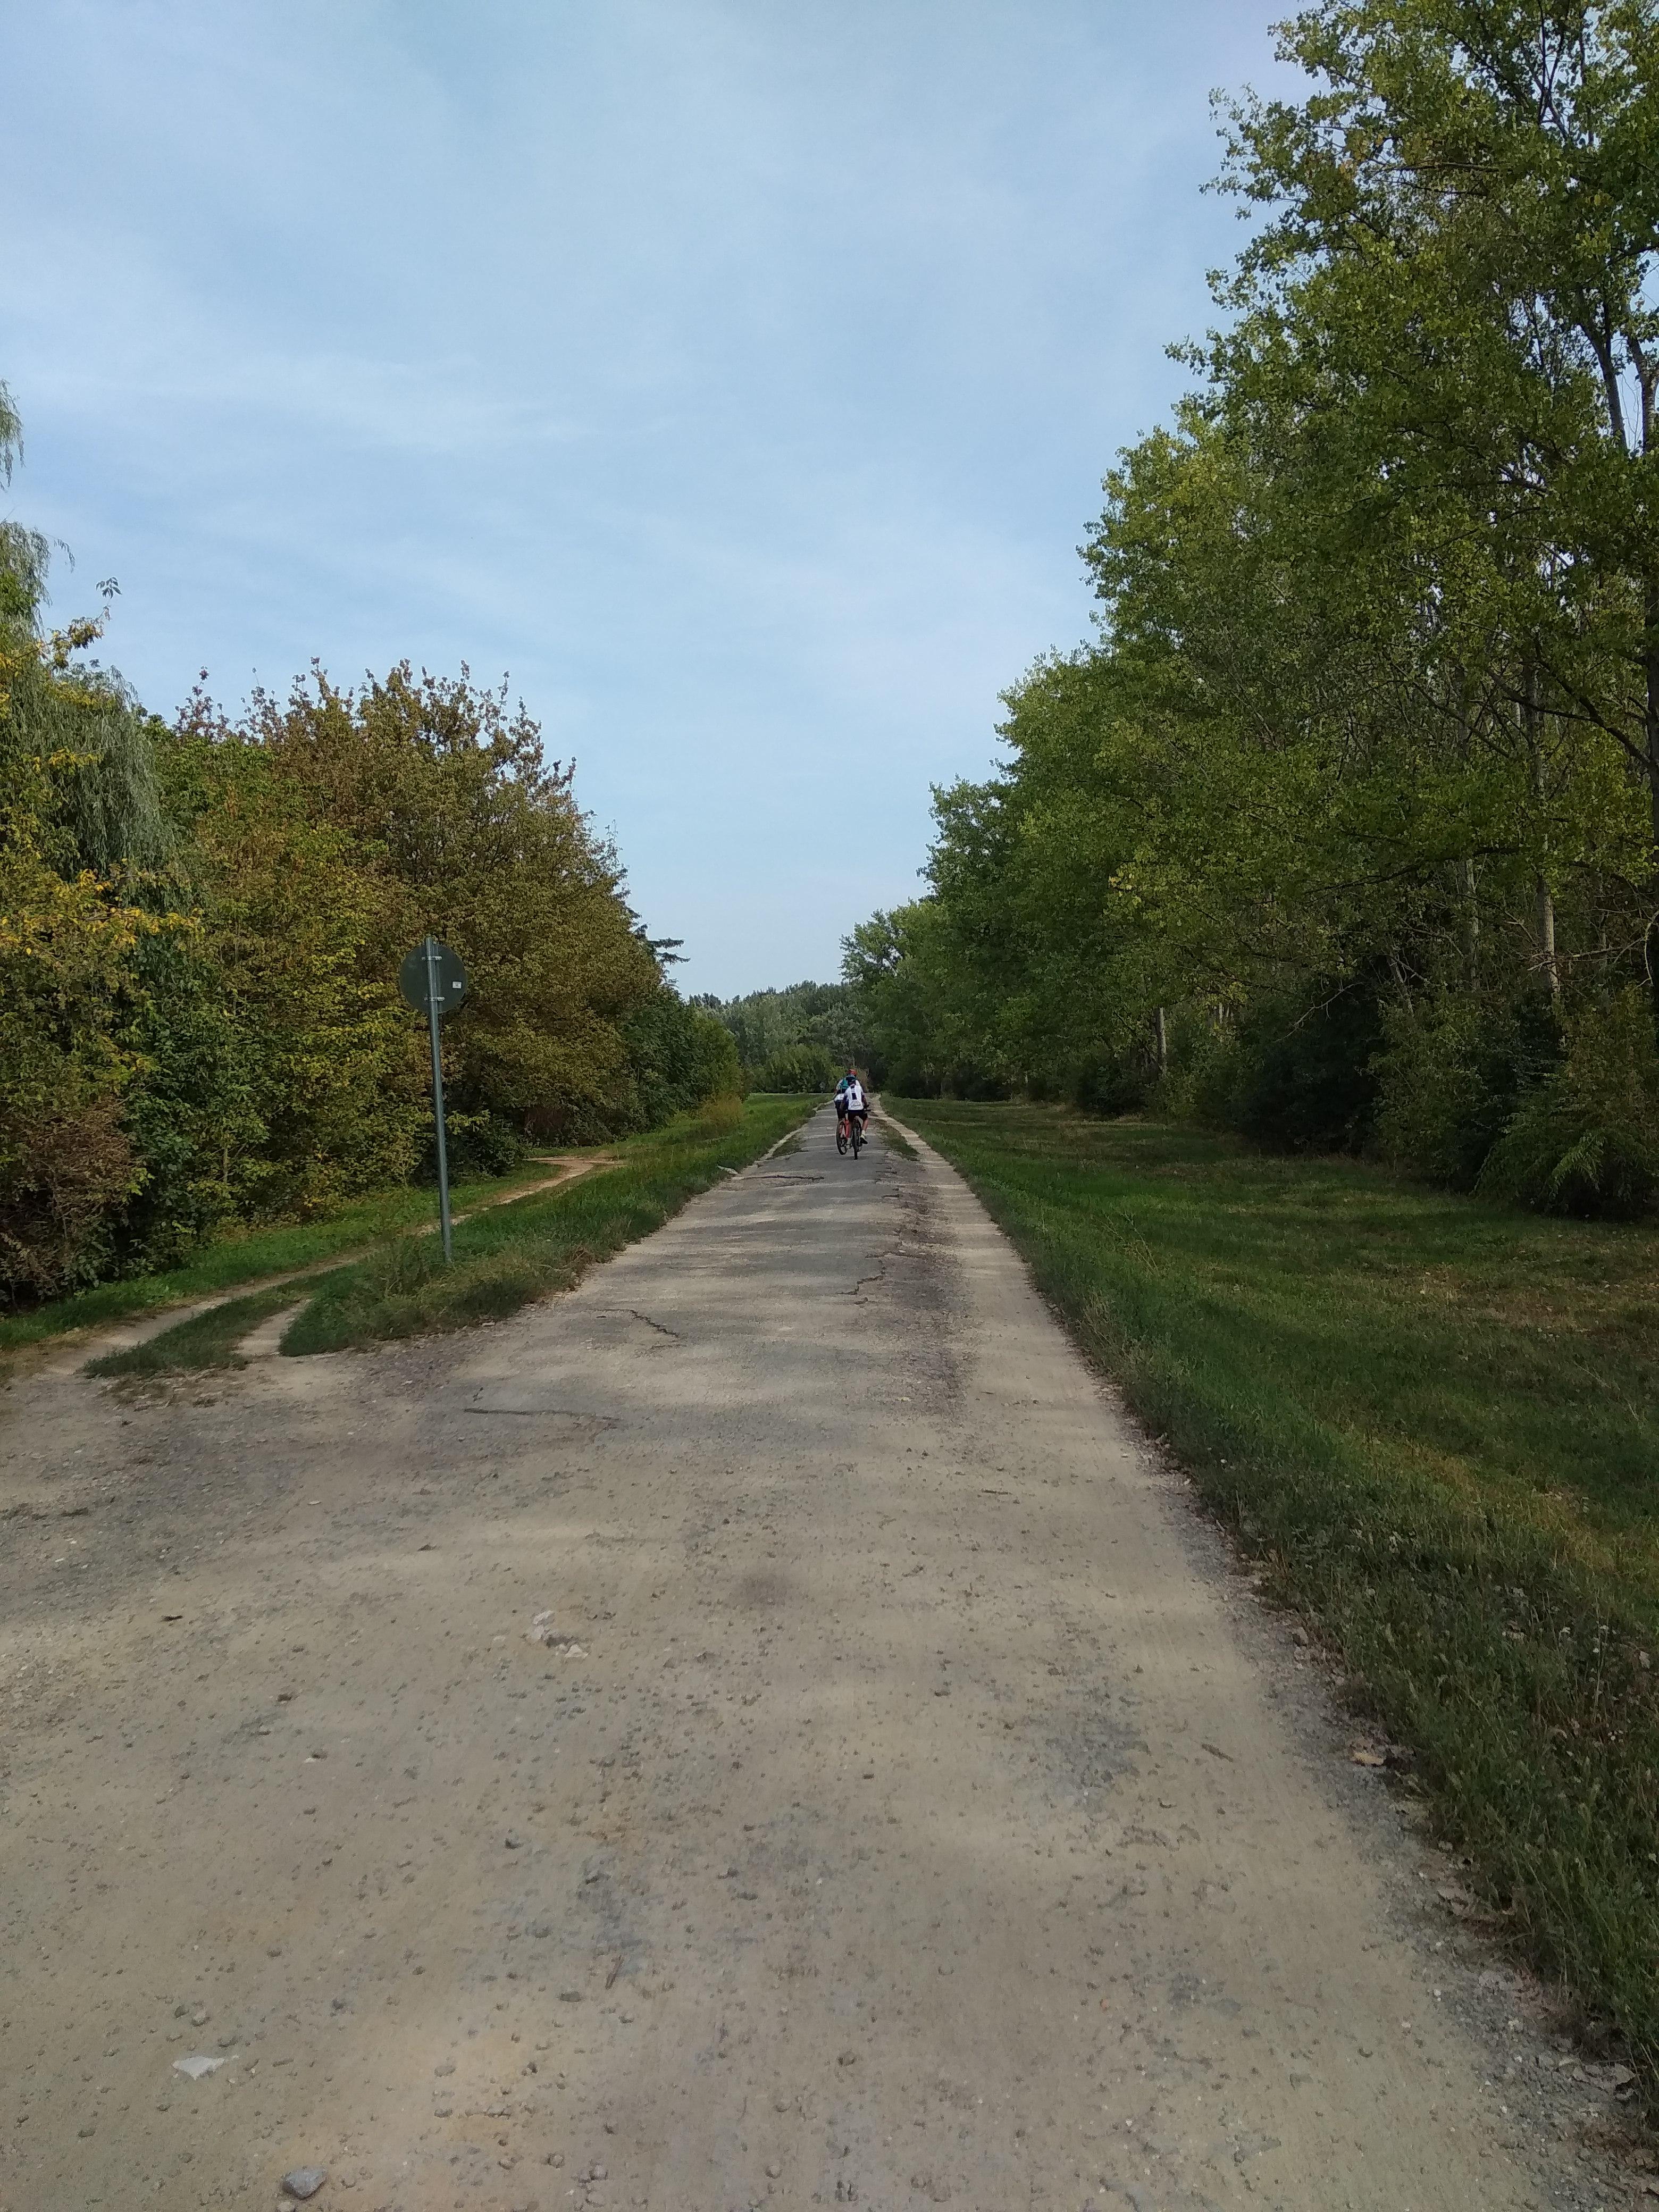 A csodálatos bicikliút. Az menti meg, hogy szép a környék.